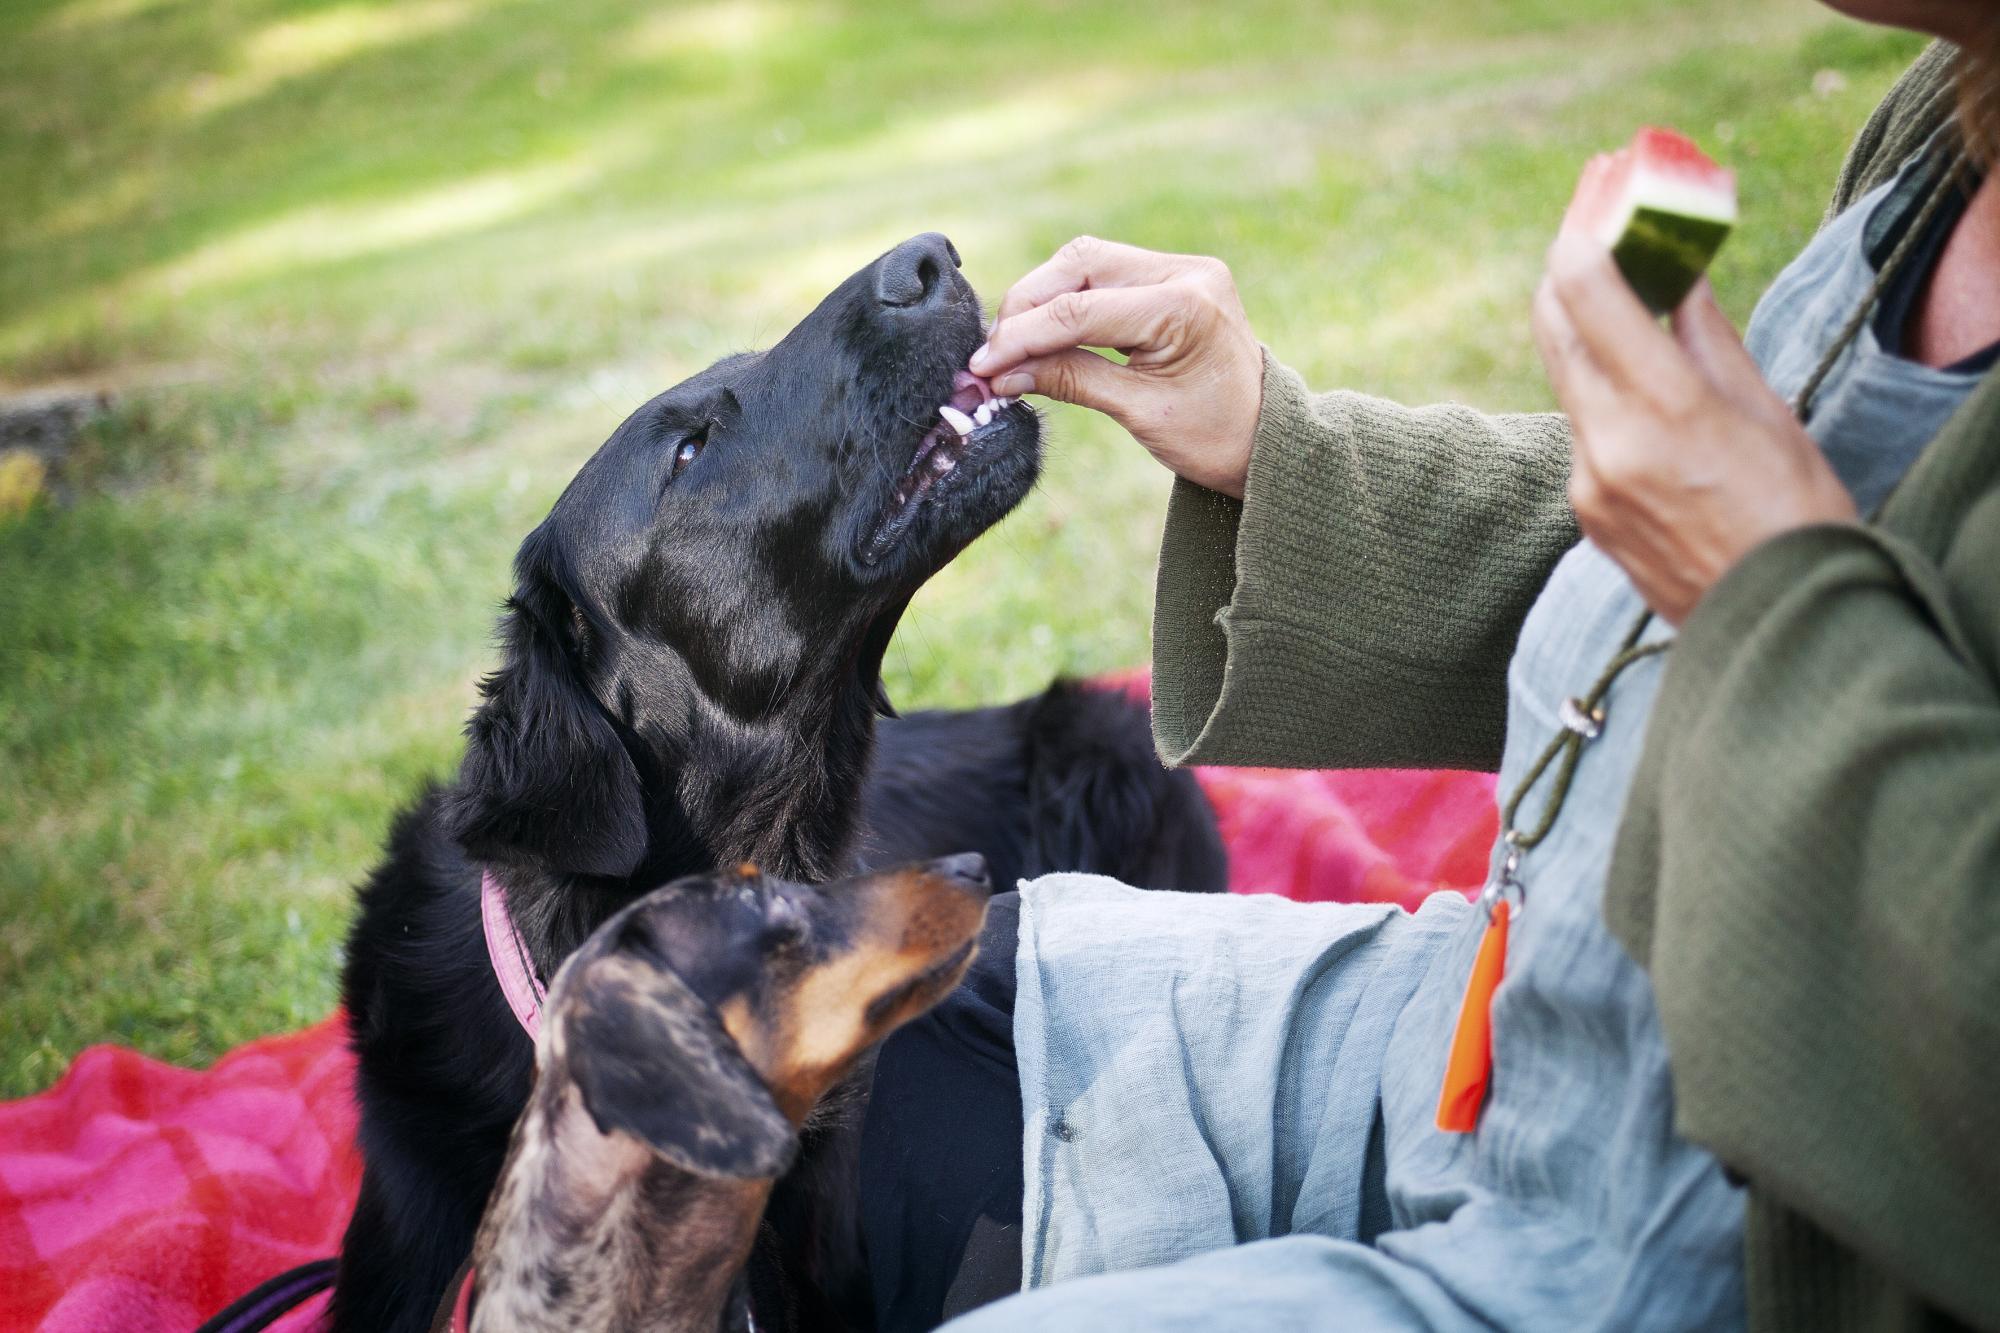 Cilla bjuder Nova som gärna smakar den läskande melonen.